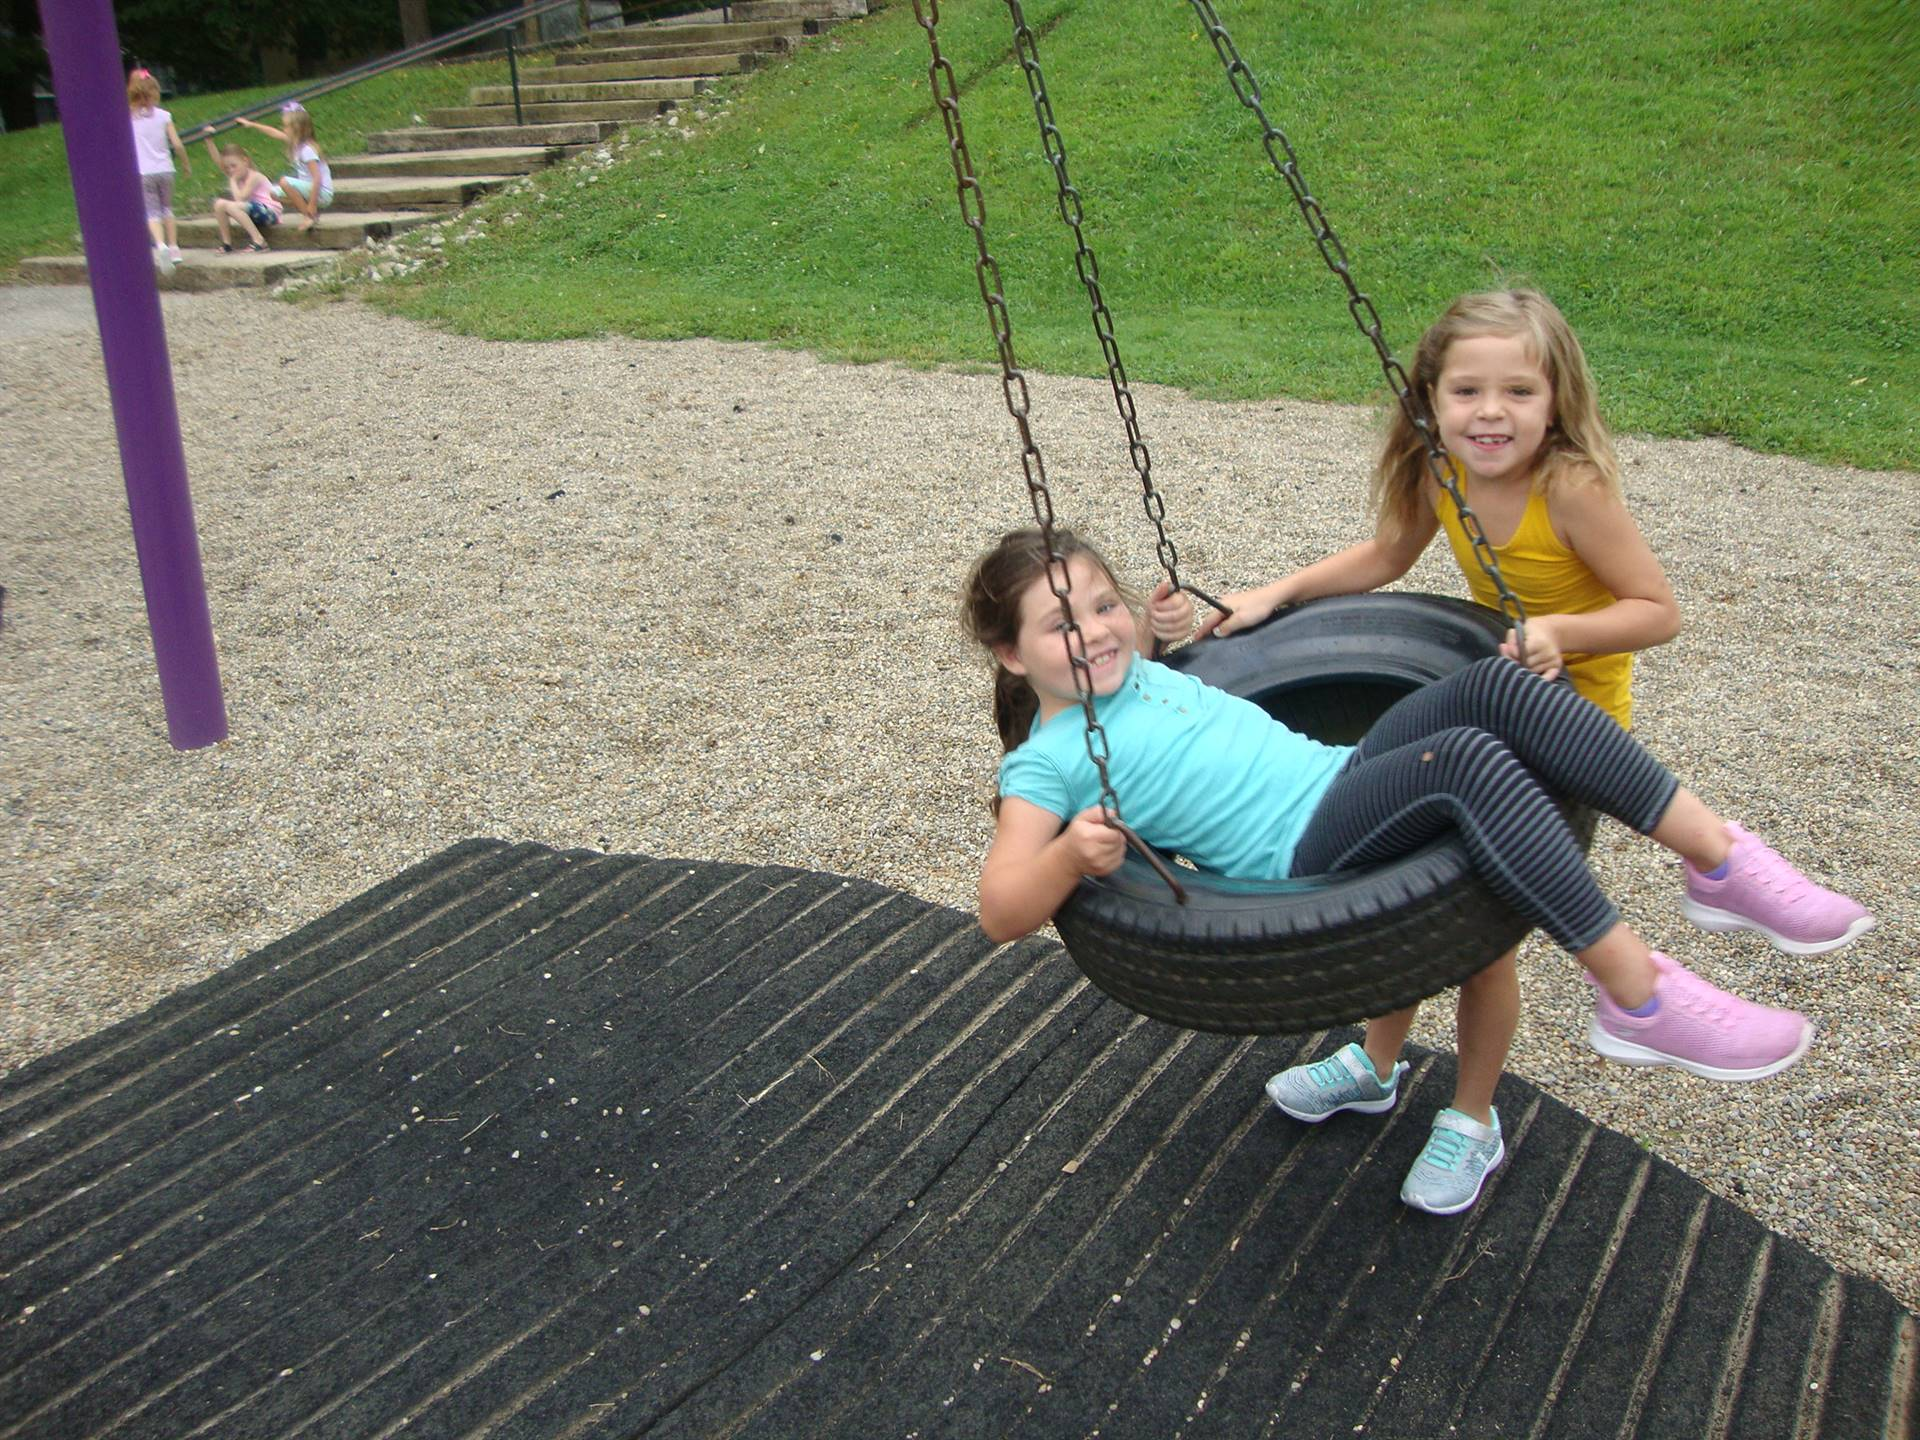 2 girls on tire swing